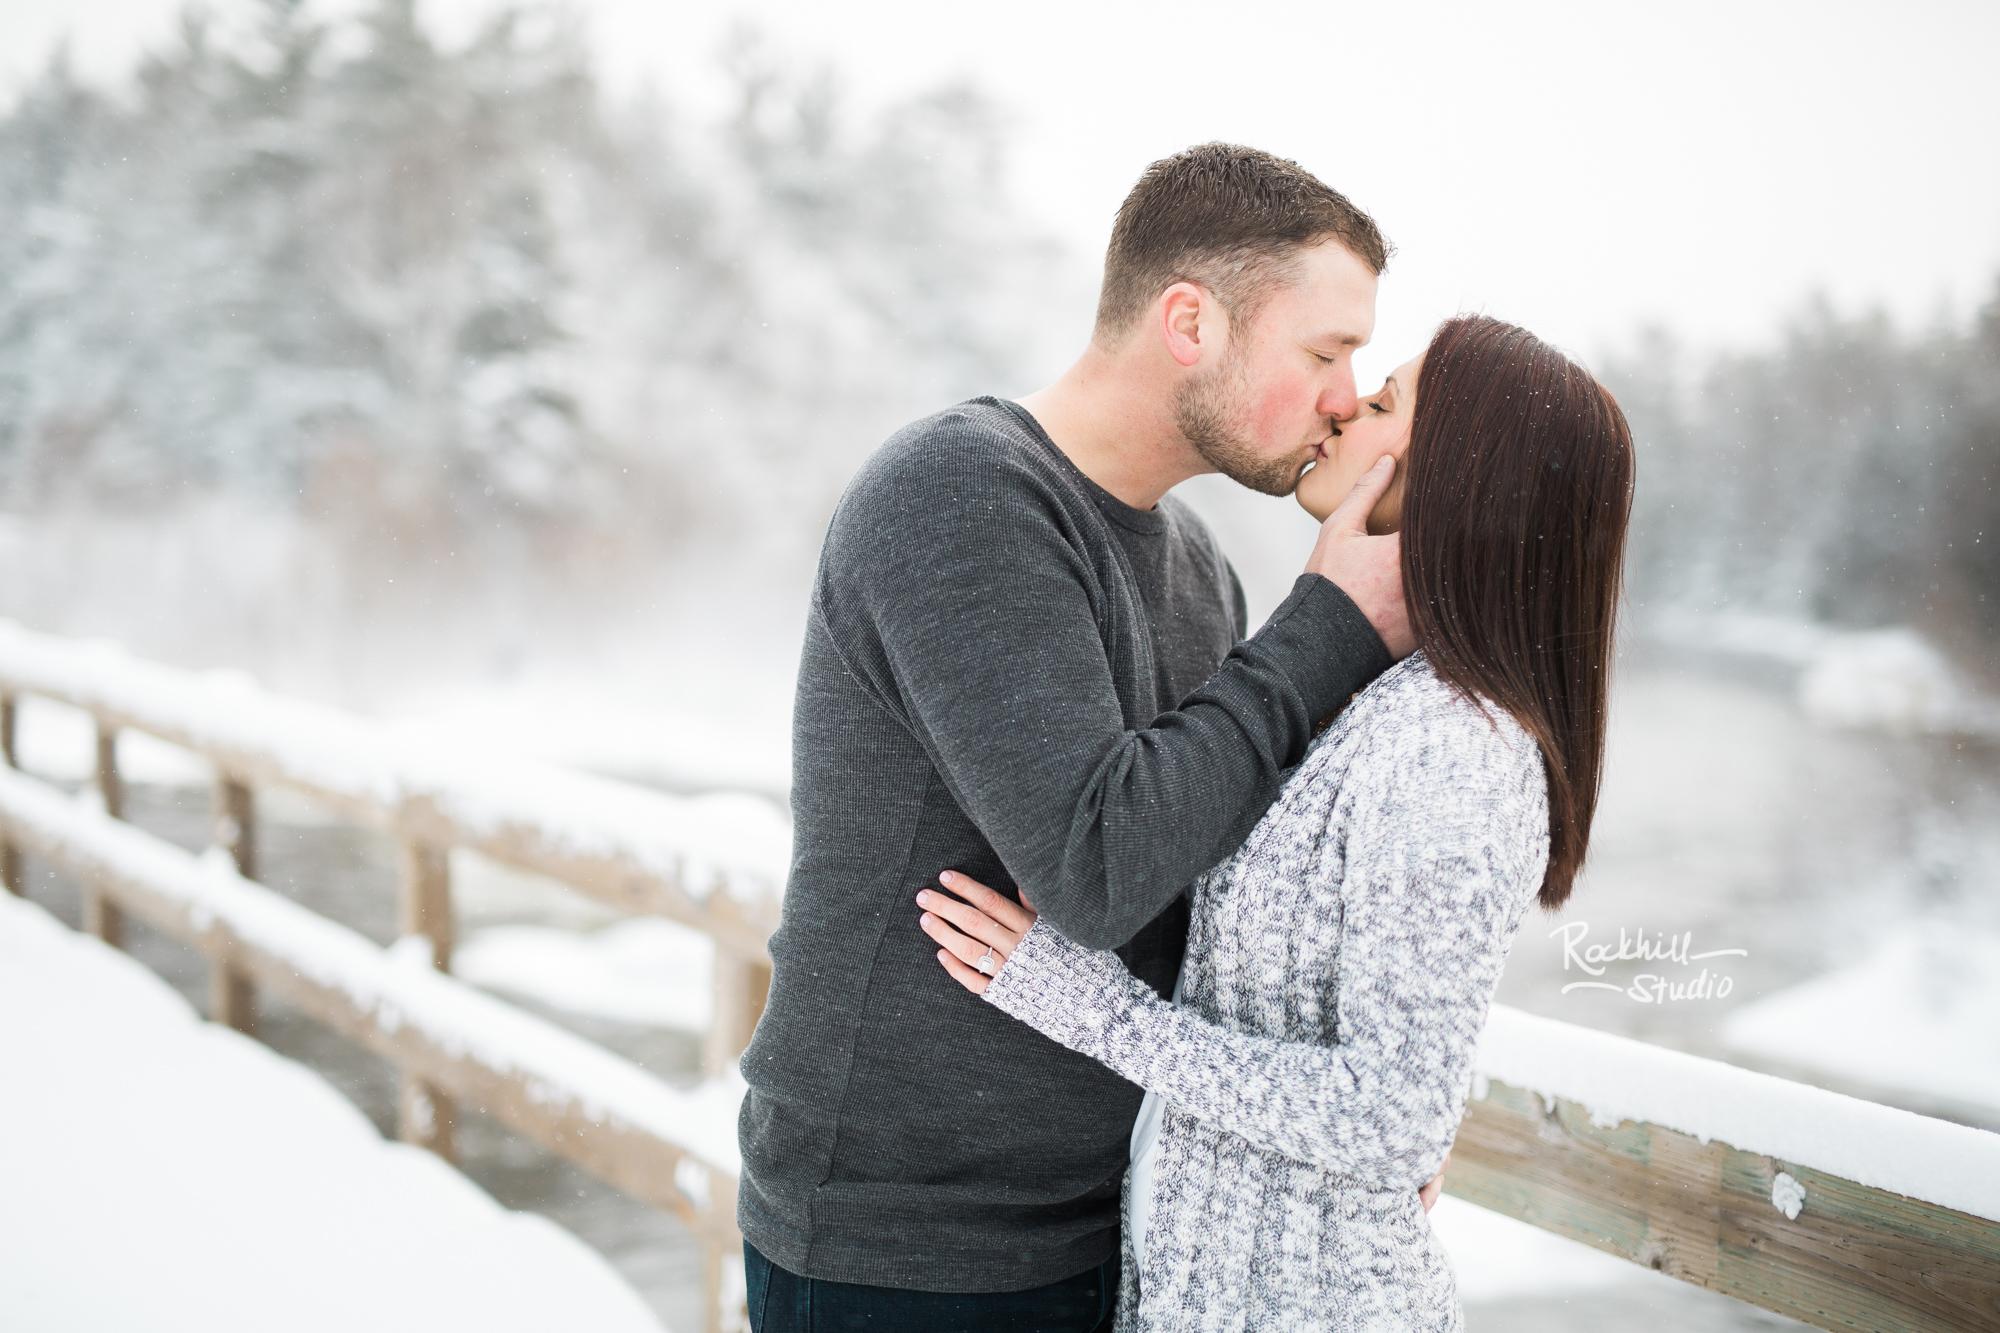 northern-michigan-engagement-photogrpher-wedding-manistique-winter-bridge-7.jpg